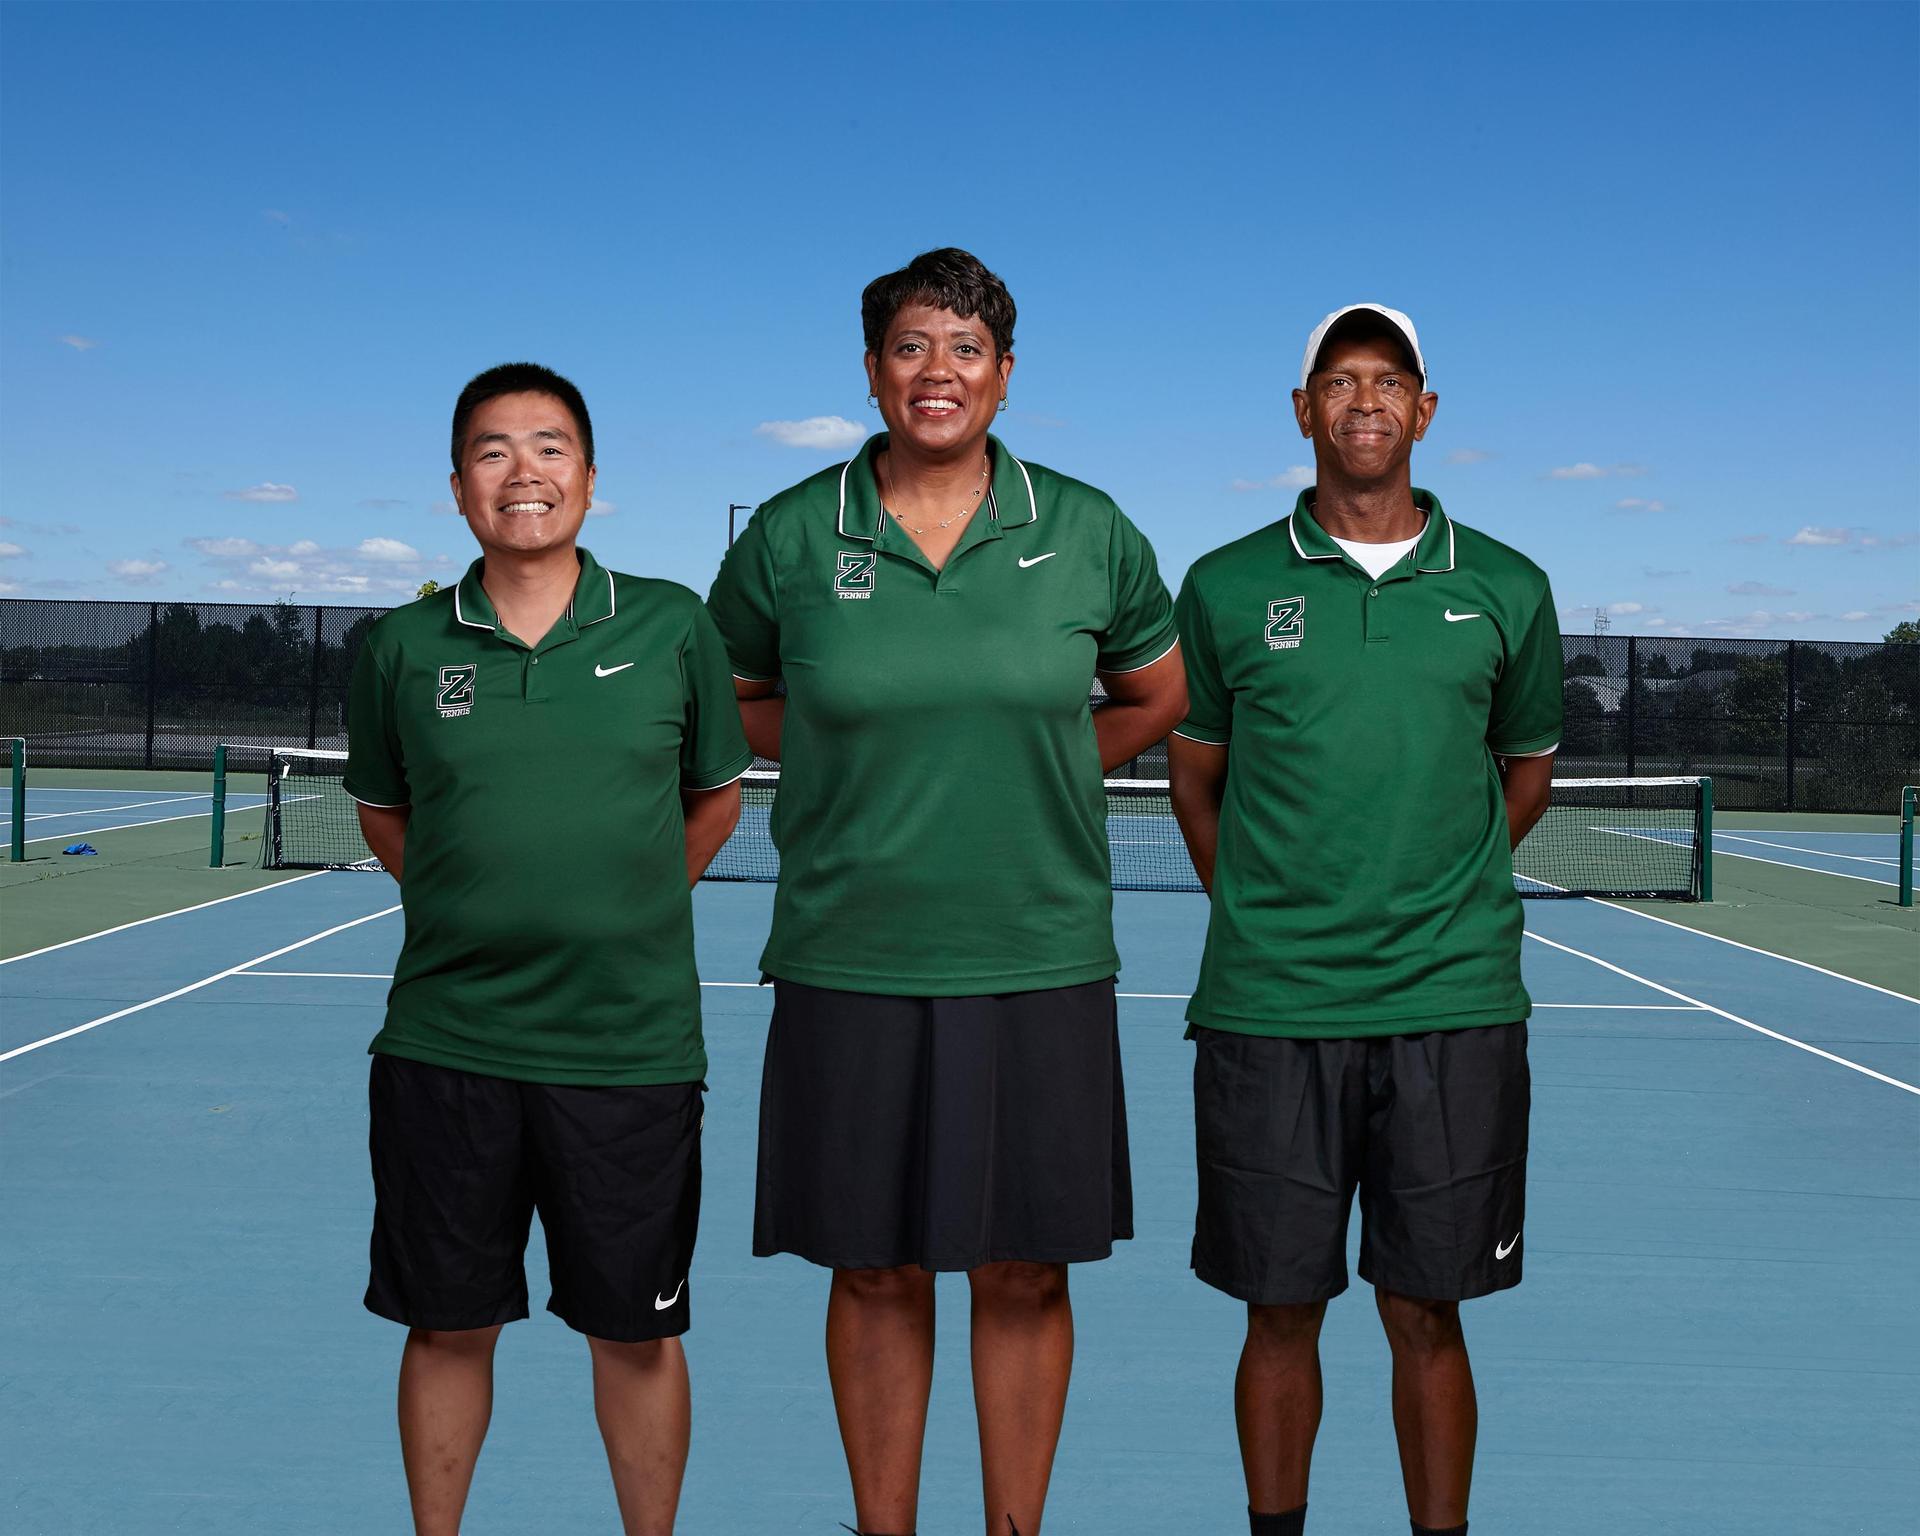 Boys Tennis Coaches